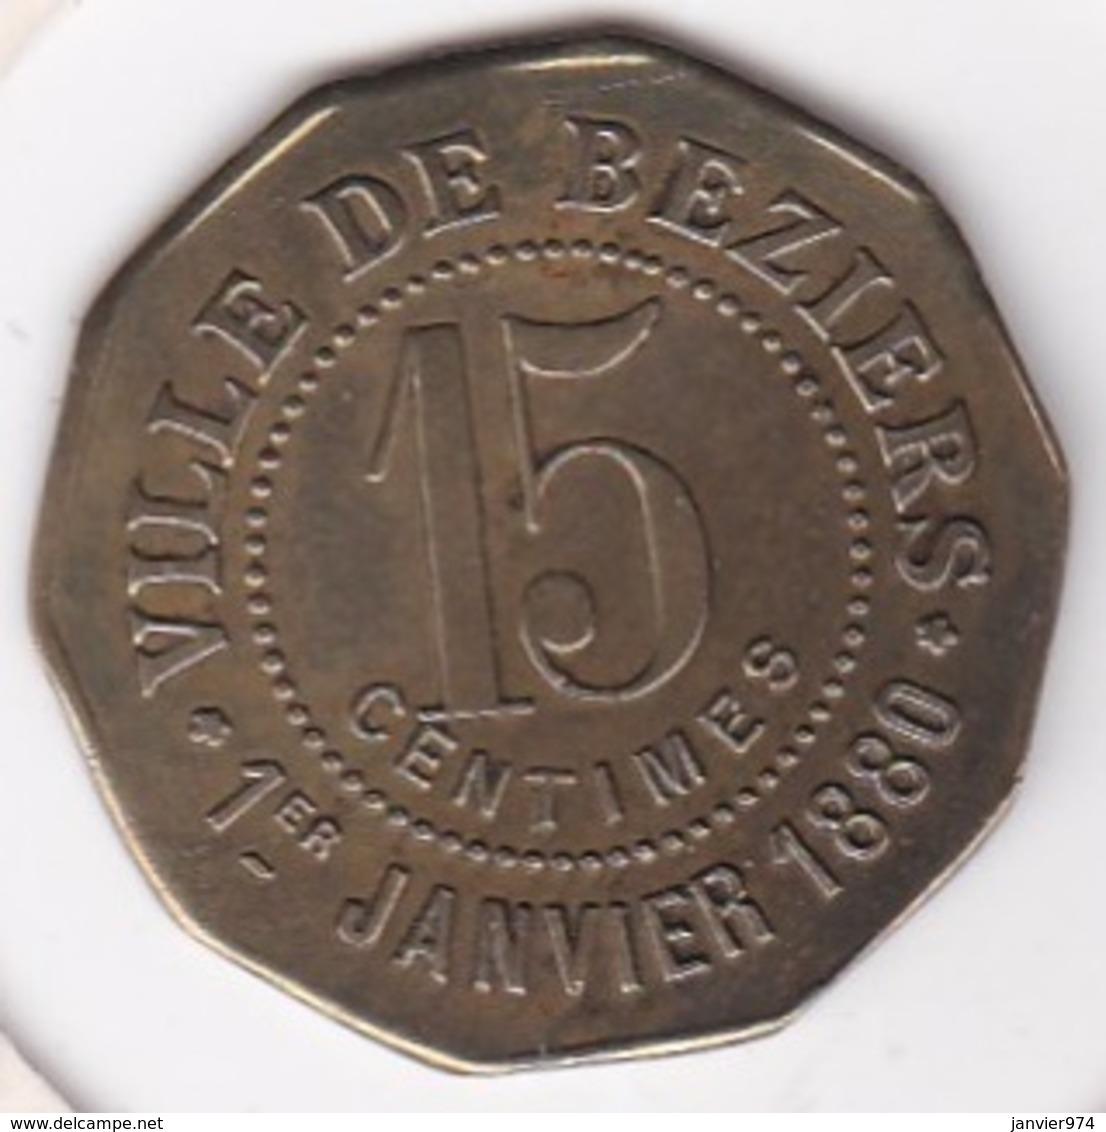 34. Hérault. Béziers. La Fraternelle Fourneaux Démocratiques 15 Centimes, En Laiton - Monétaires / De Nécessité